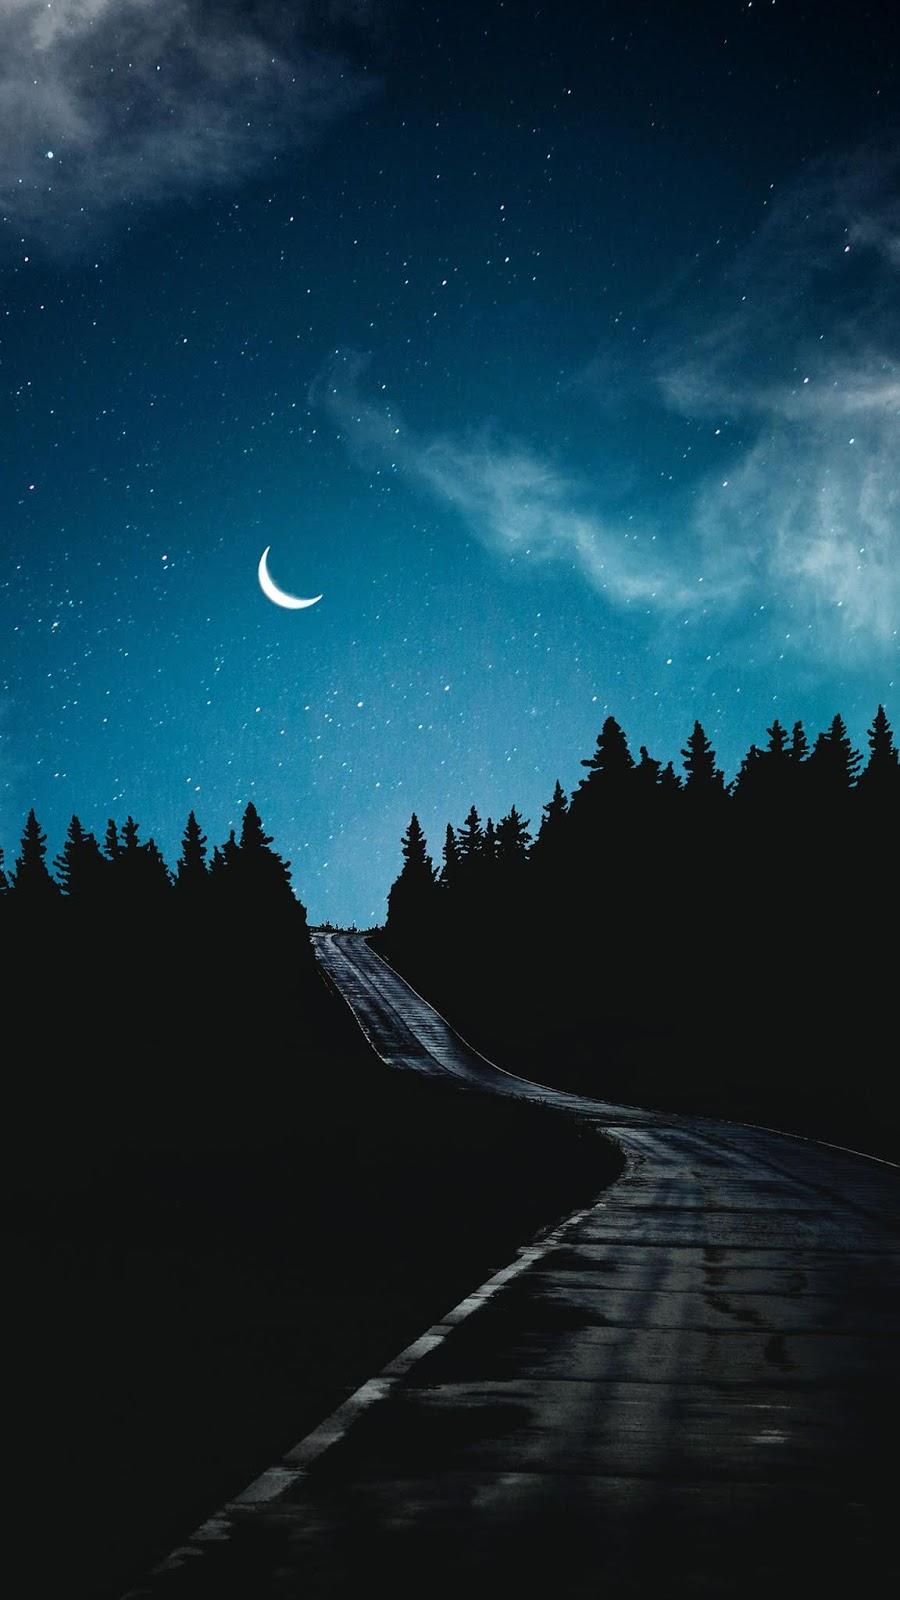 Road under crescent moon